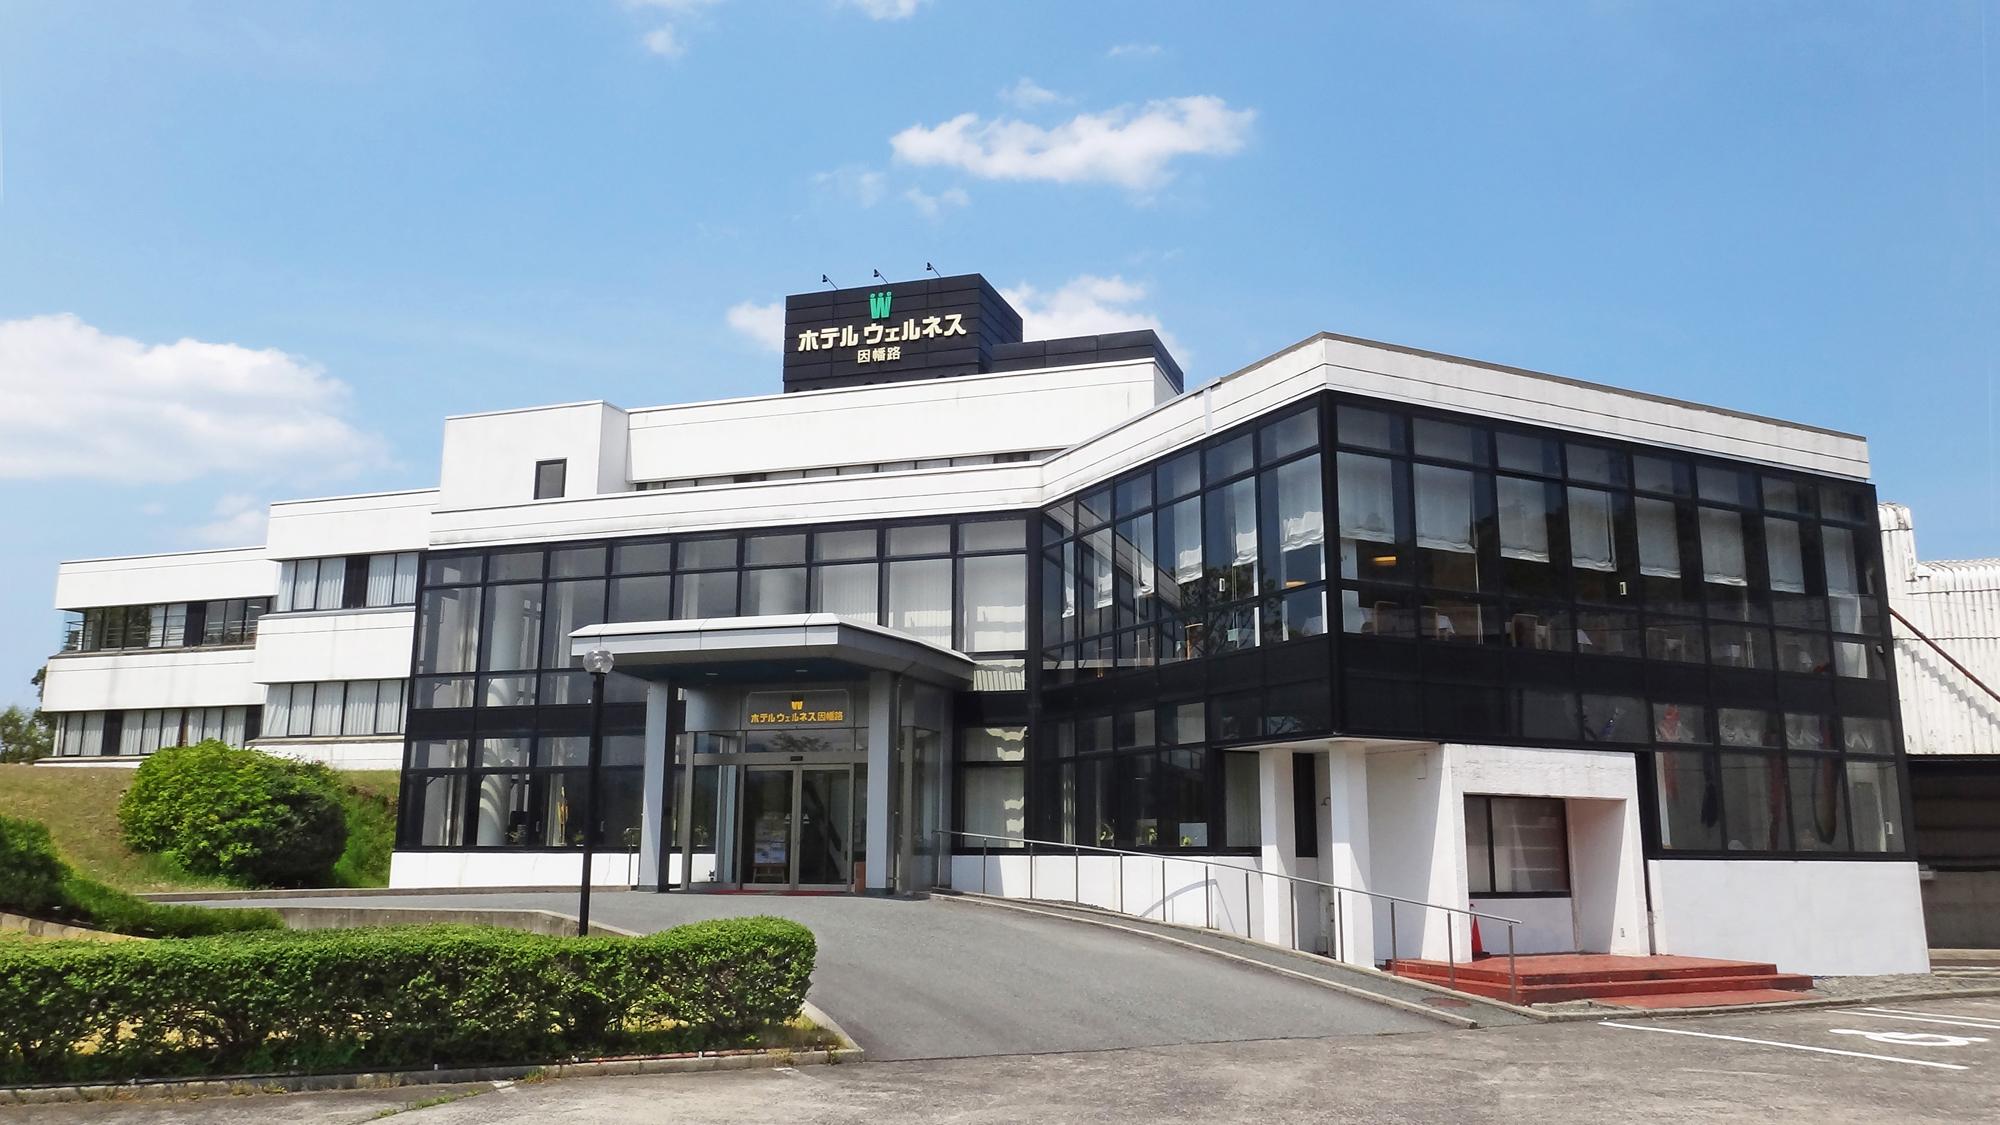 ホテルウェルネス因幡路 image